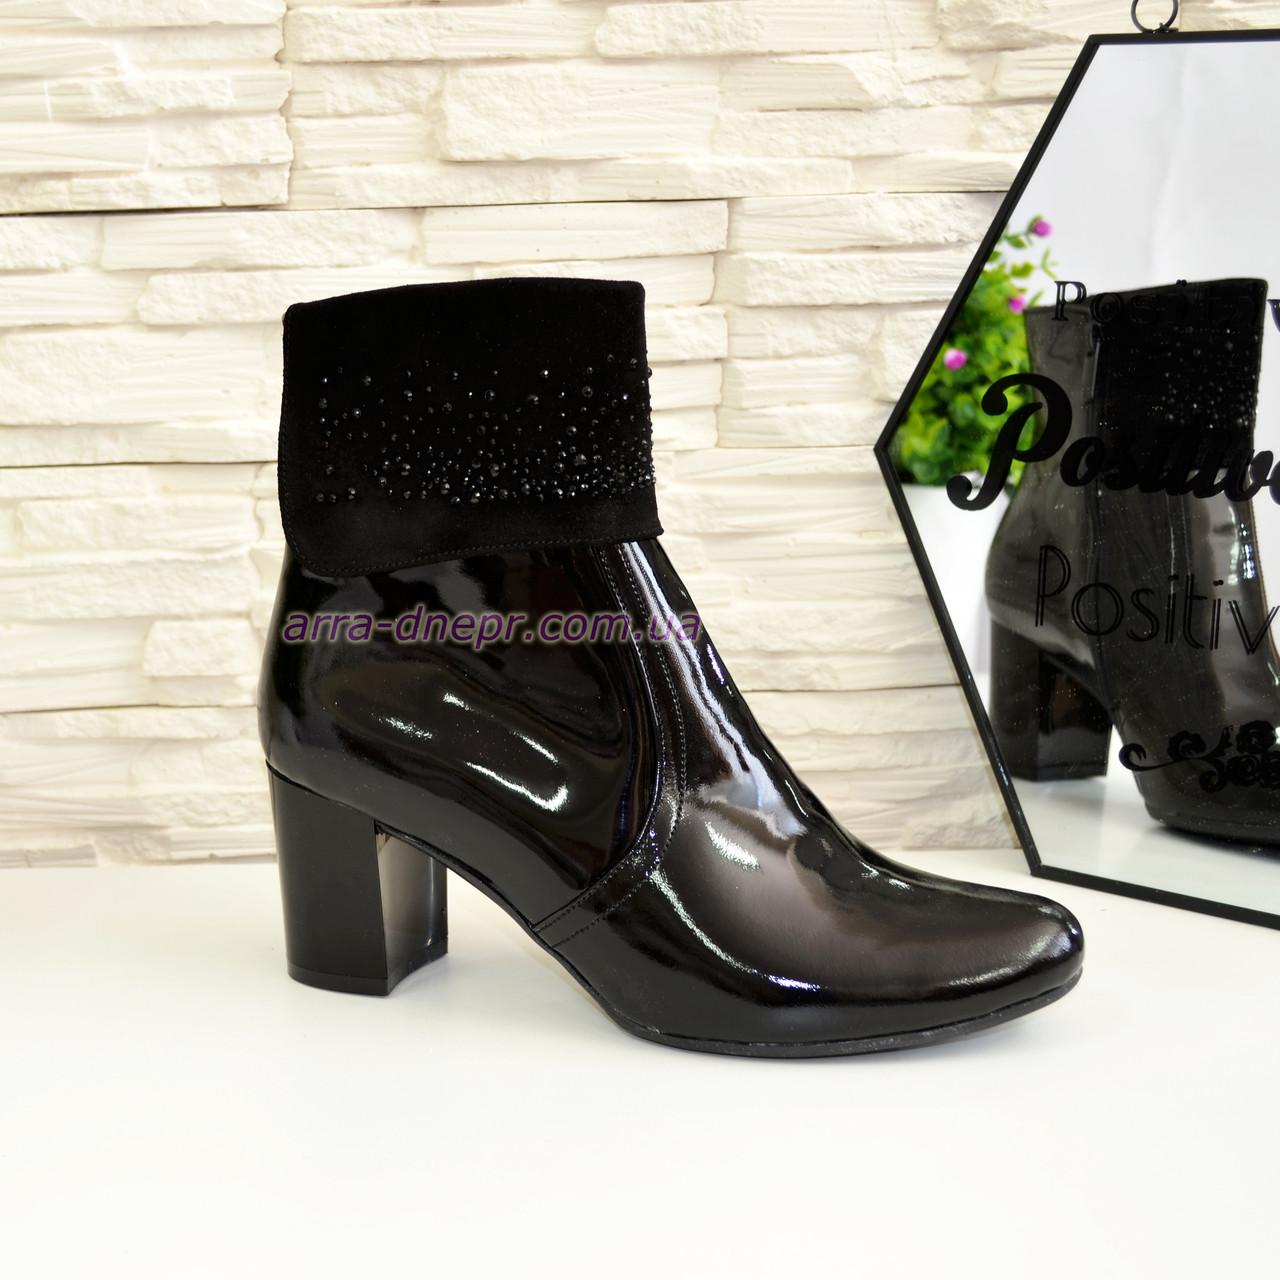 Женские черные лаковые демисезонные ботинки на каблуке, декорированы стразами.